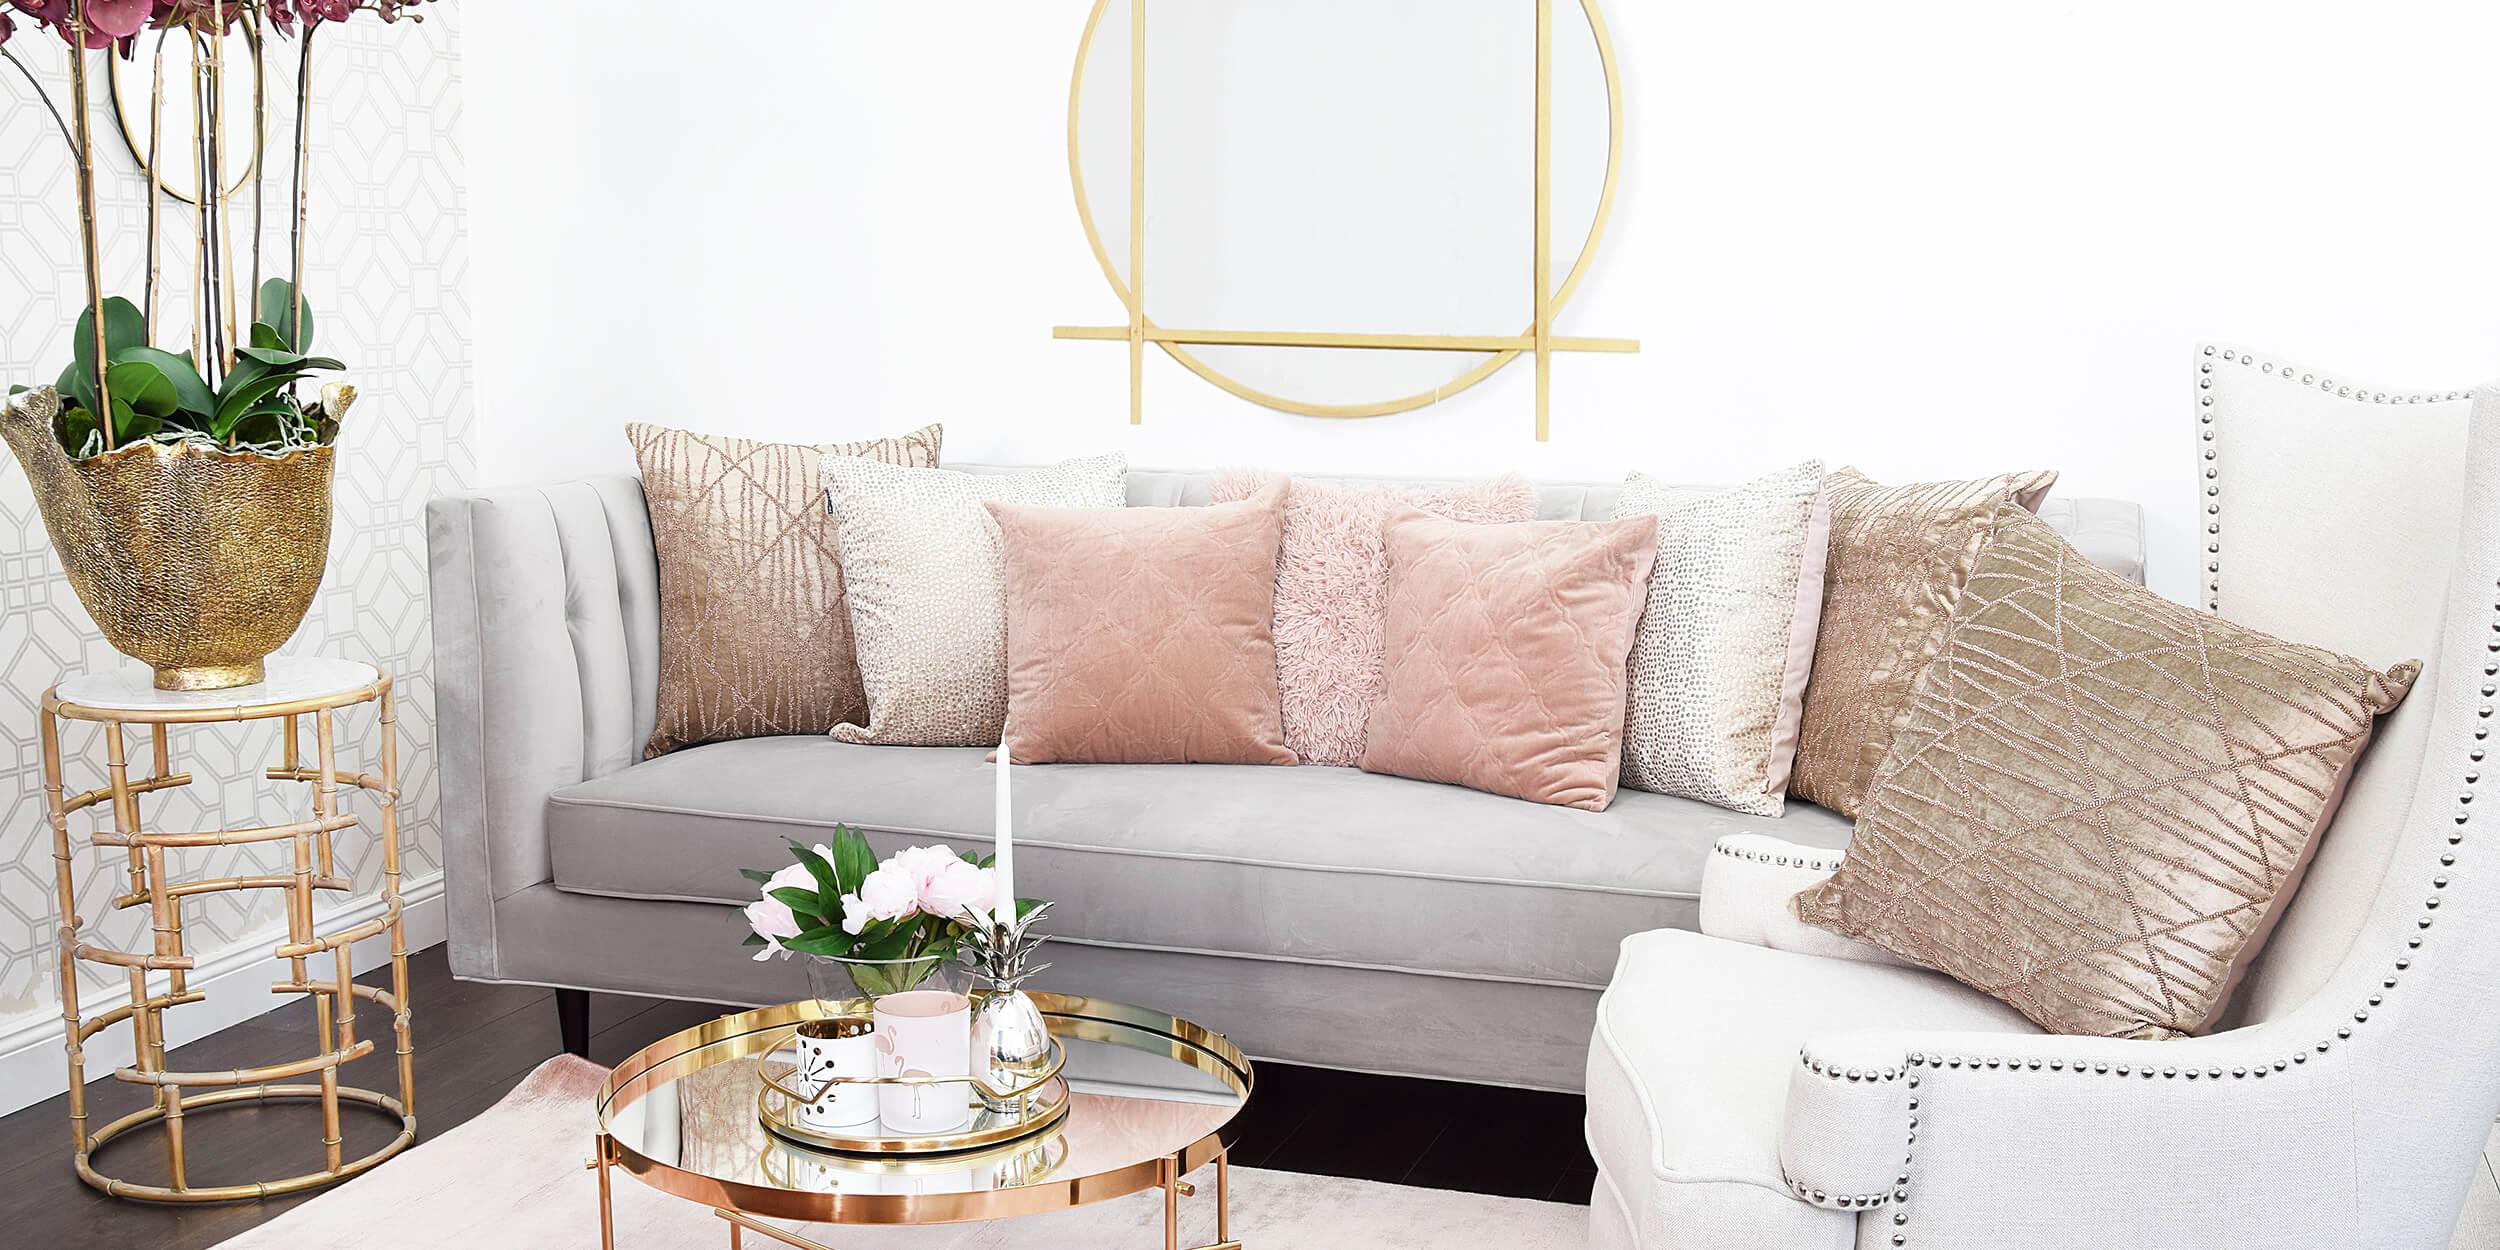 Wohnzimmer-Lounge: Sanfte Farben & weicher Samt